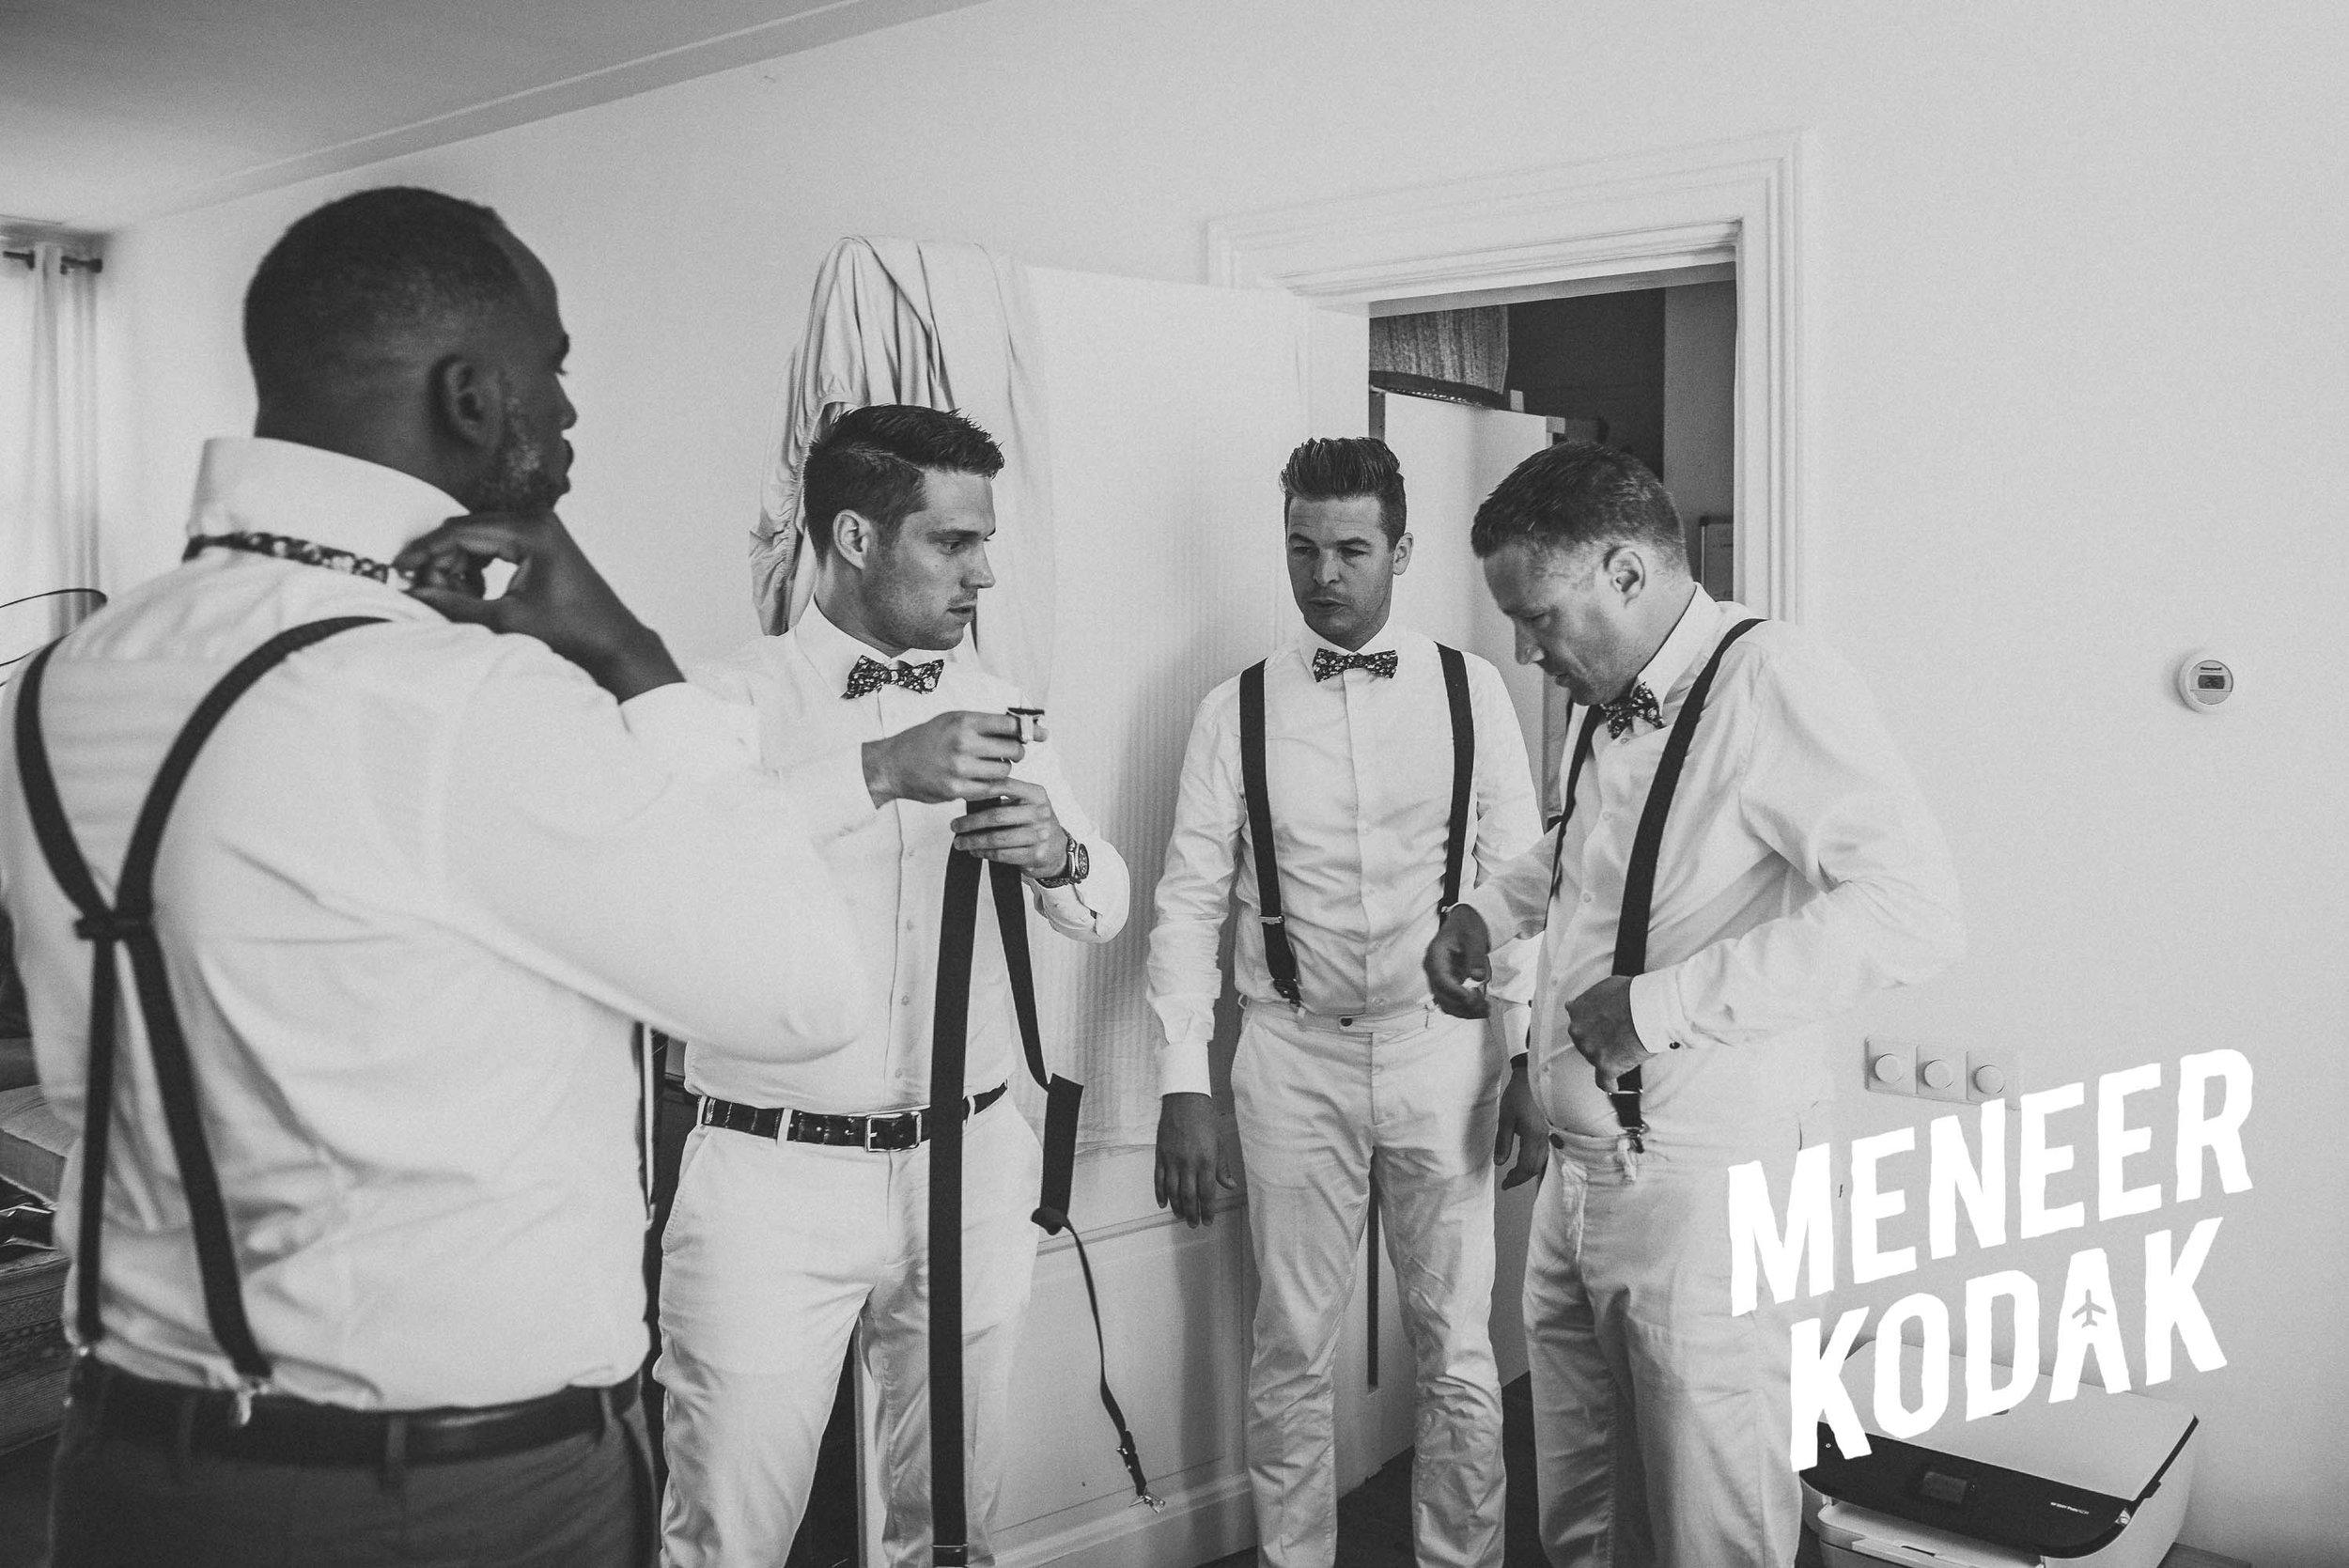 Meneer Kodak - Trouwfotograaf - Amsterdam - H&T-009.jpg